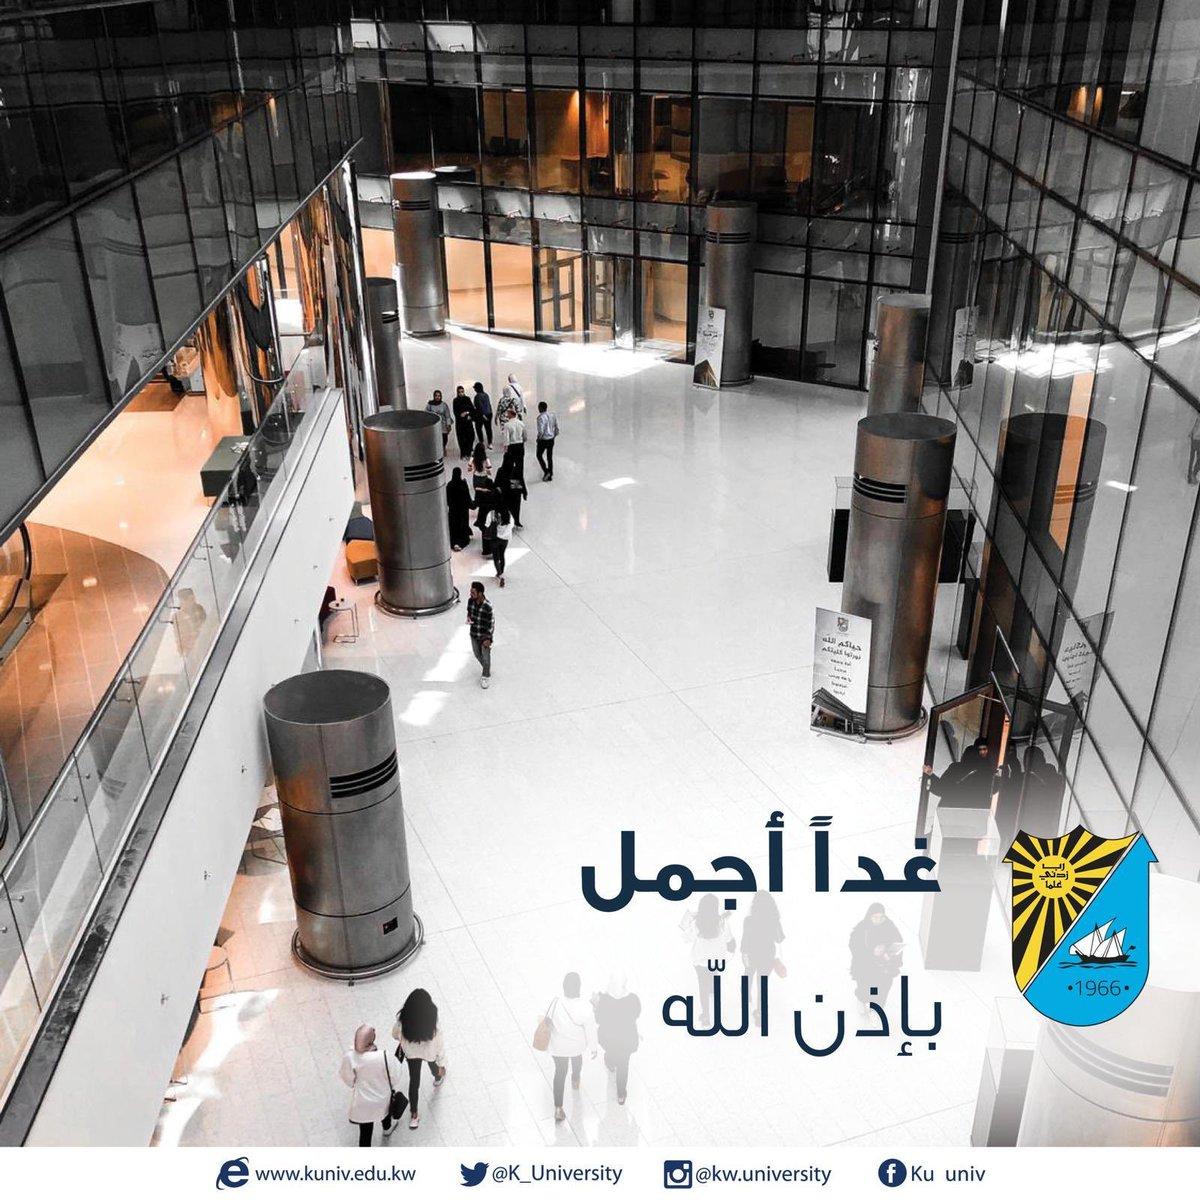 جامعة الكويت |   #الكويت #فيروس_كورونا #coronavirus #kuwait_university #ku #kuniv_edu #kuniv #جامعة_الكويت #الشدادية https://t.co/3zTAnJKk5Q